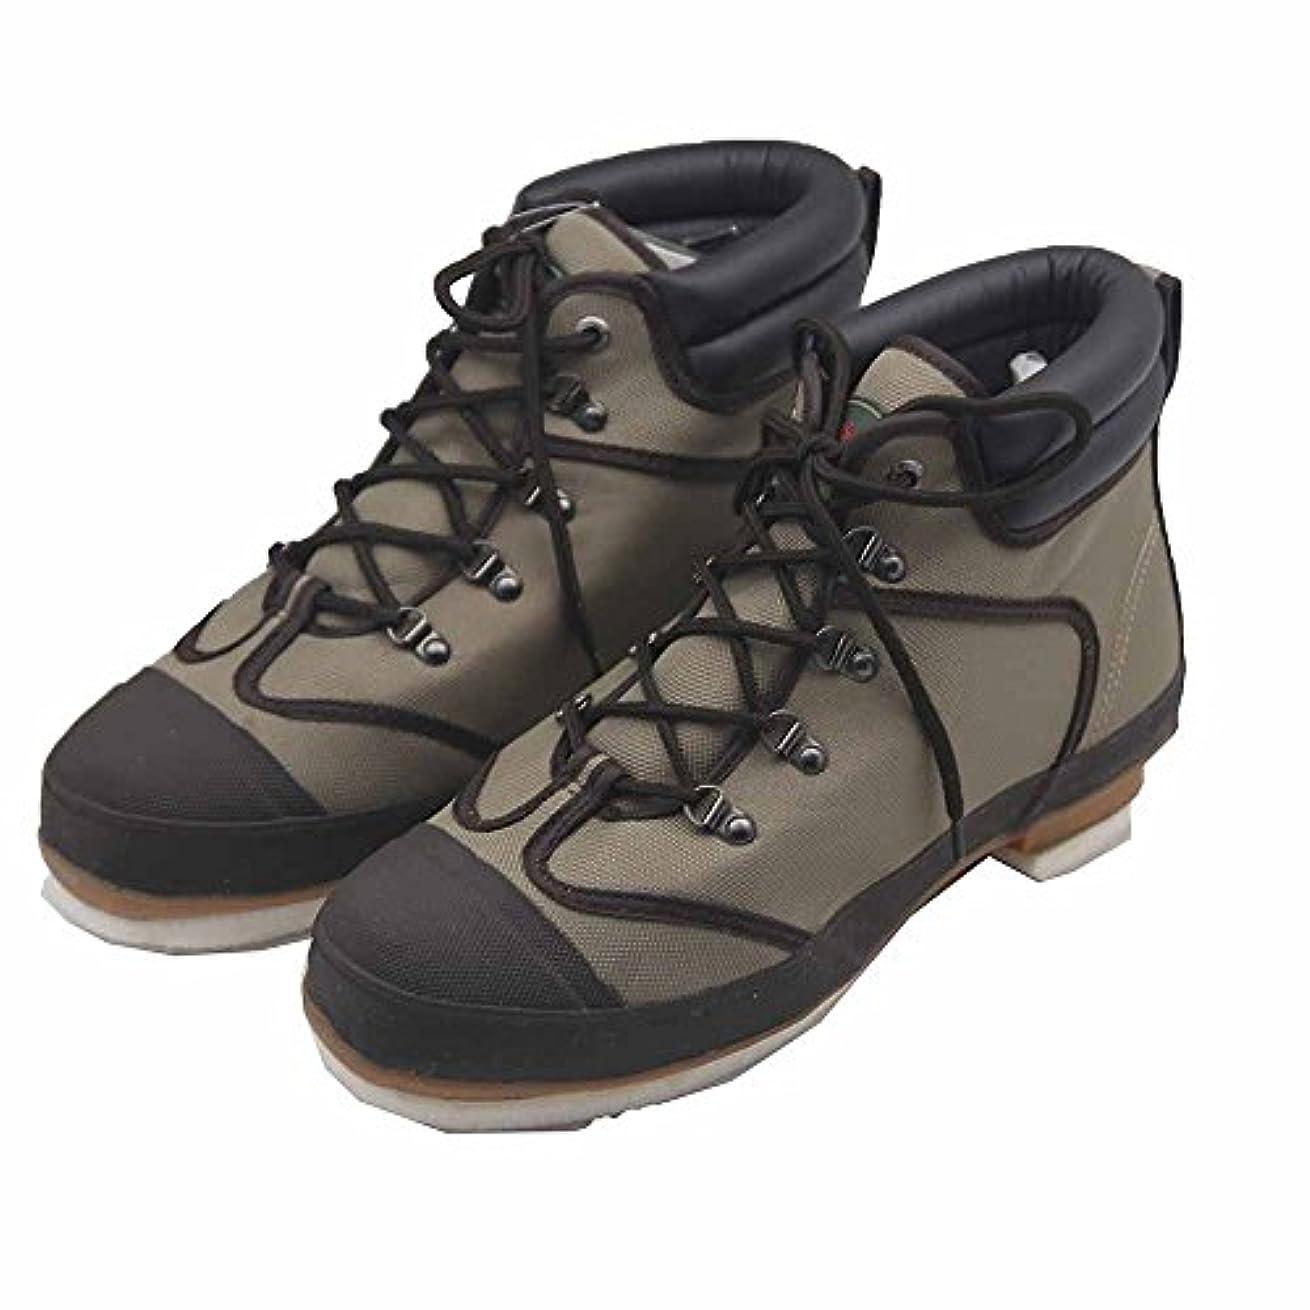 パーチナシティロック不利Pro Lineメンズ52502ナイロンWading Boots withフェルト底、10グリーンUS